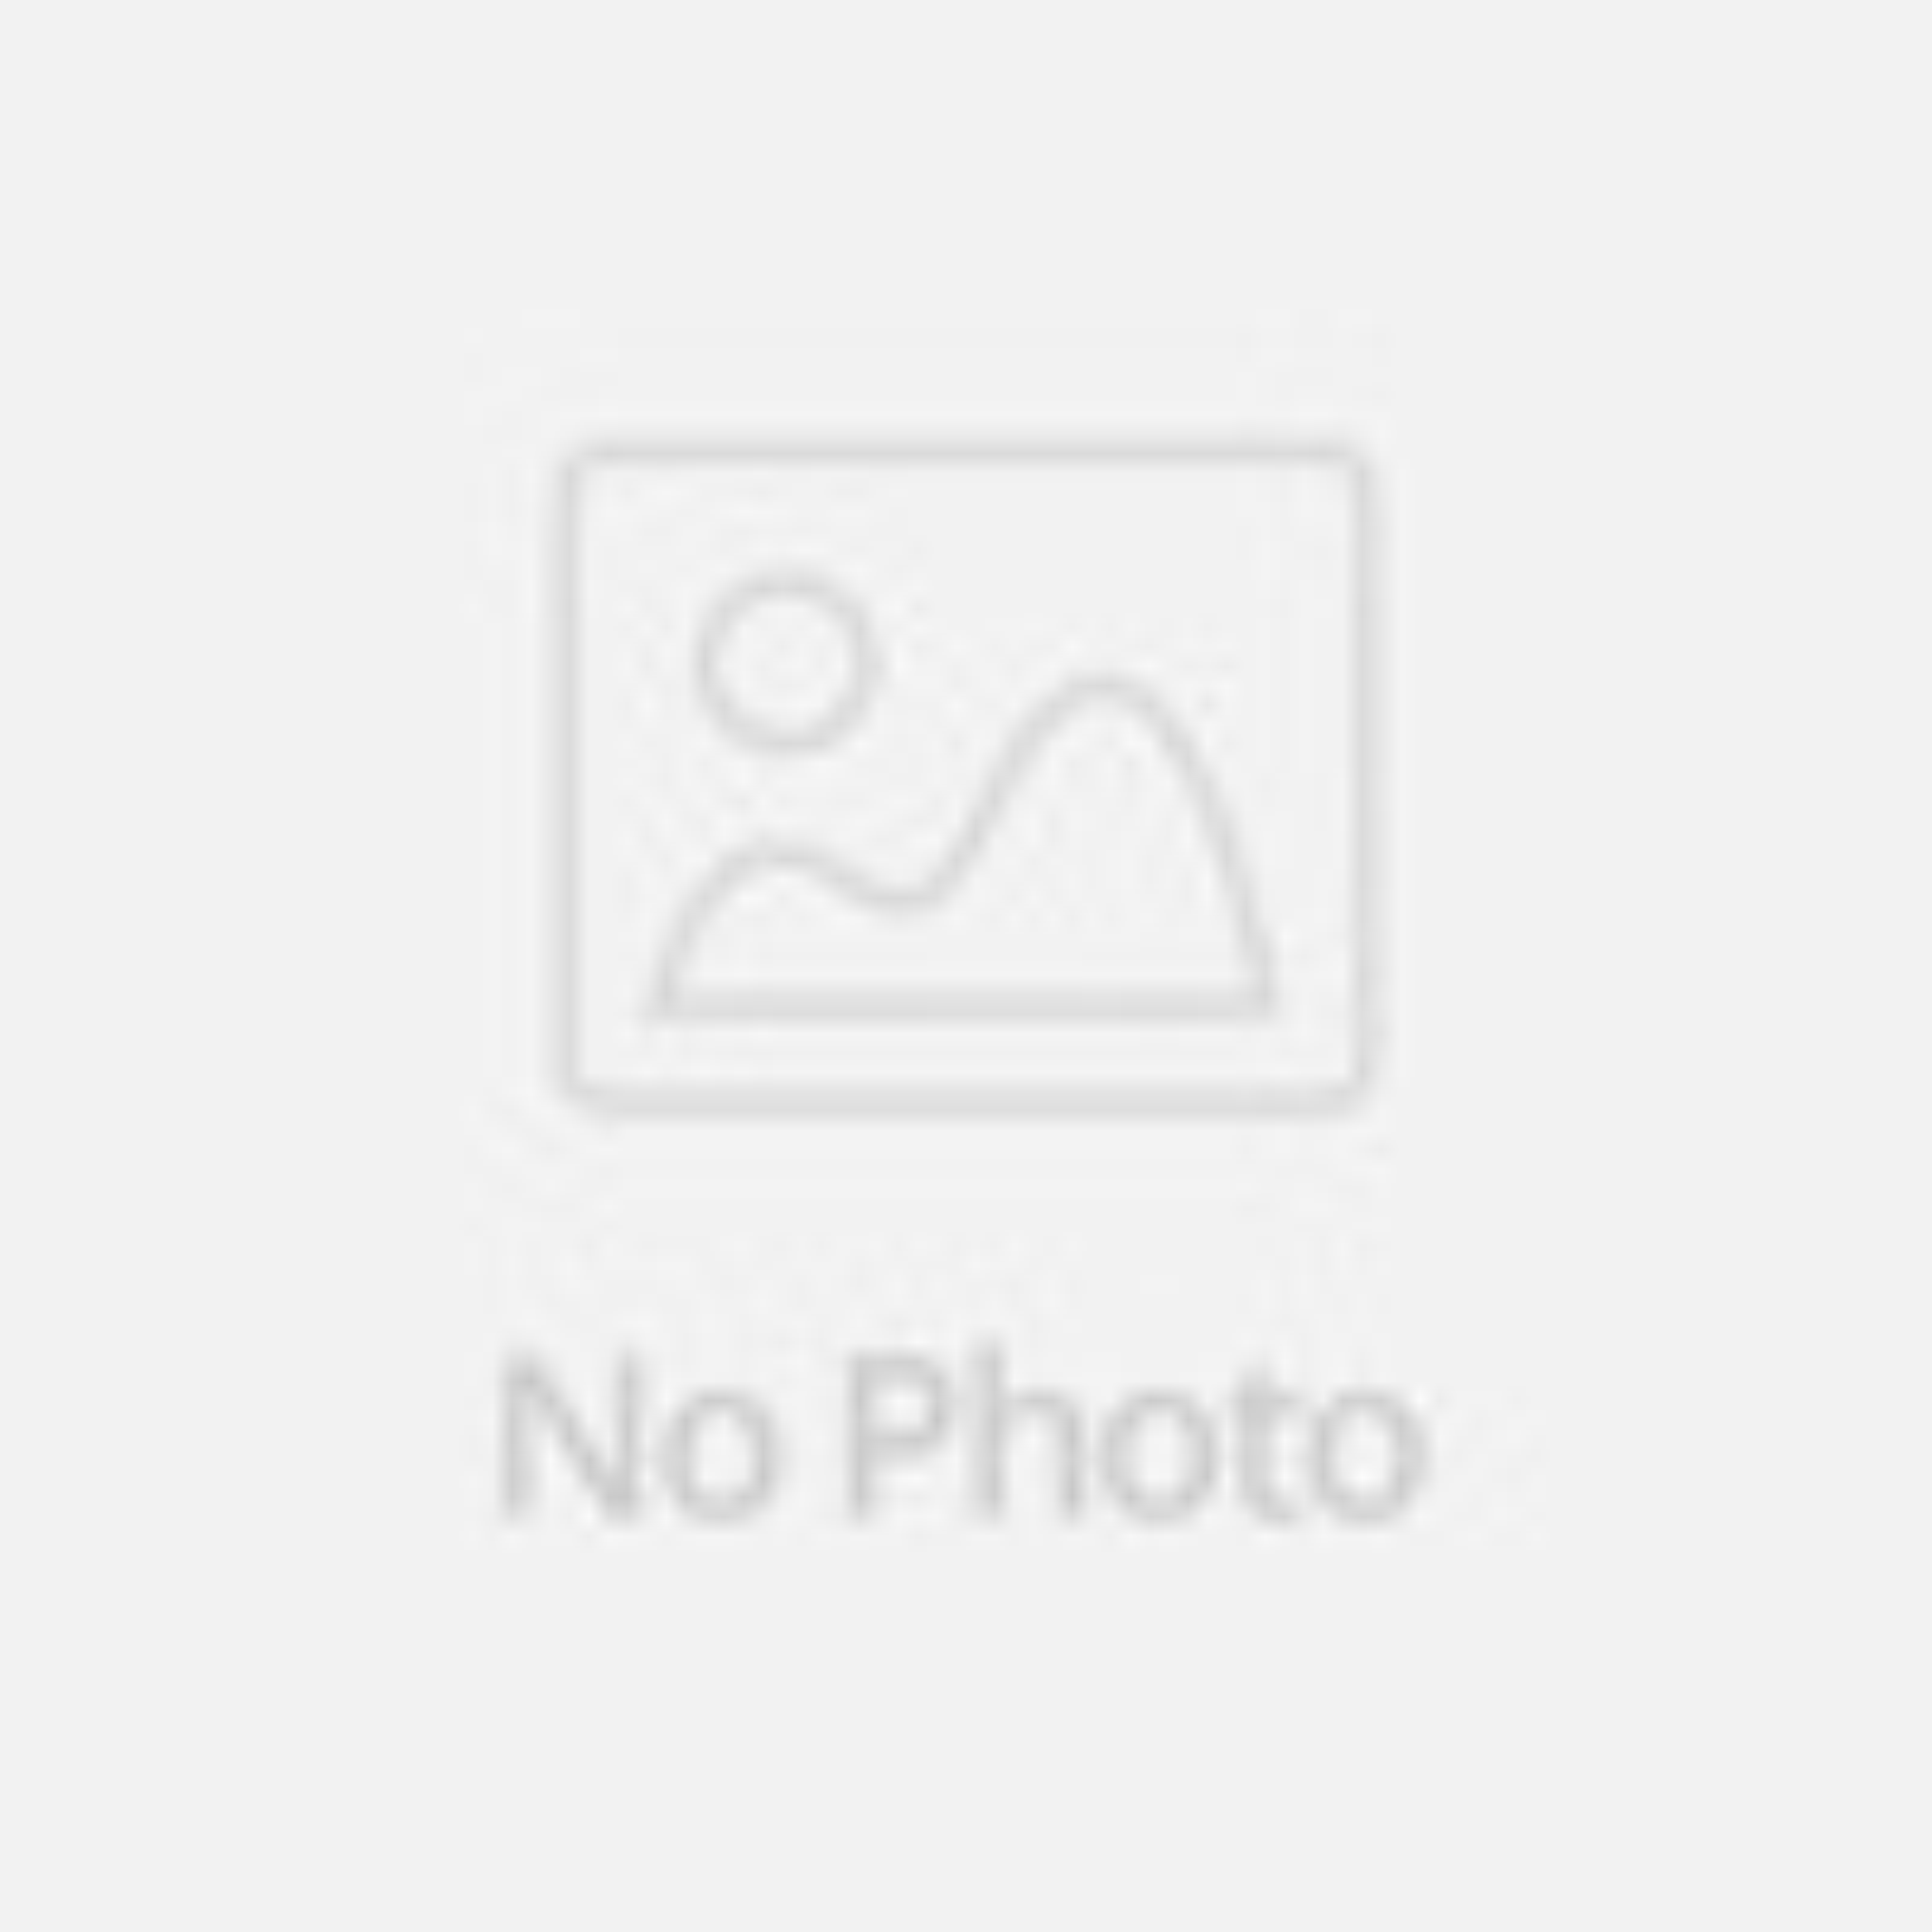 OUMO BRUSH-fan SHD Handmaster finest  badger hair knot shaving brush knots gel tip